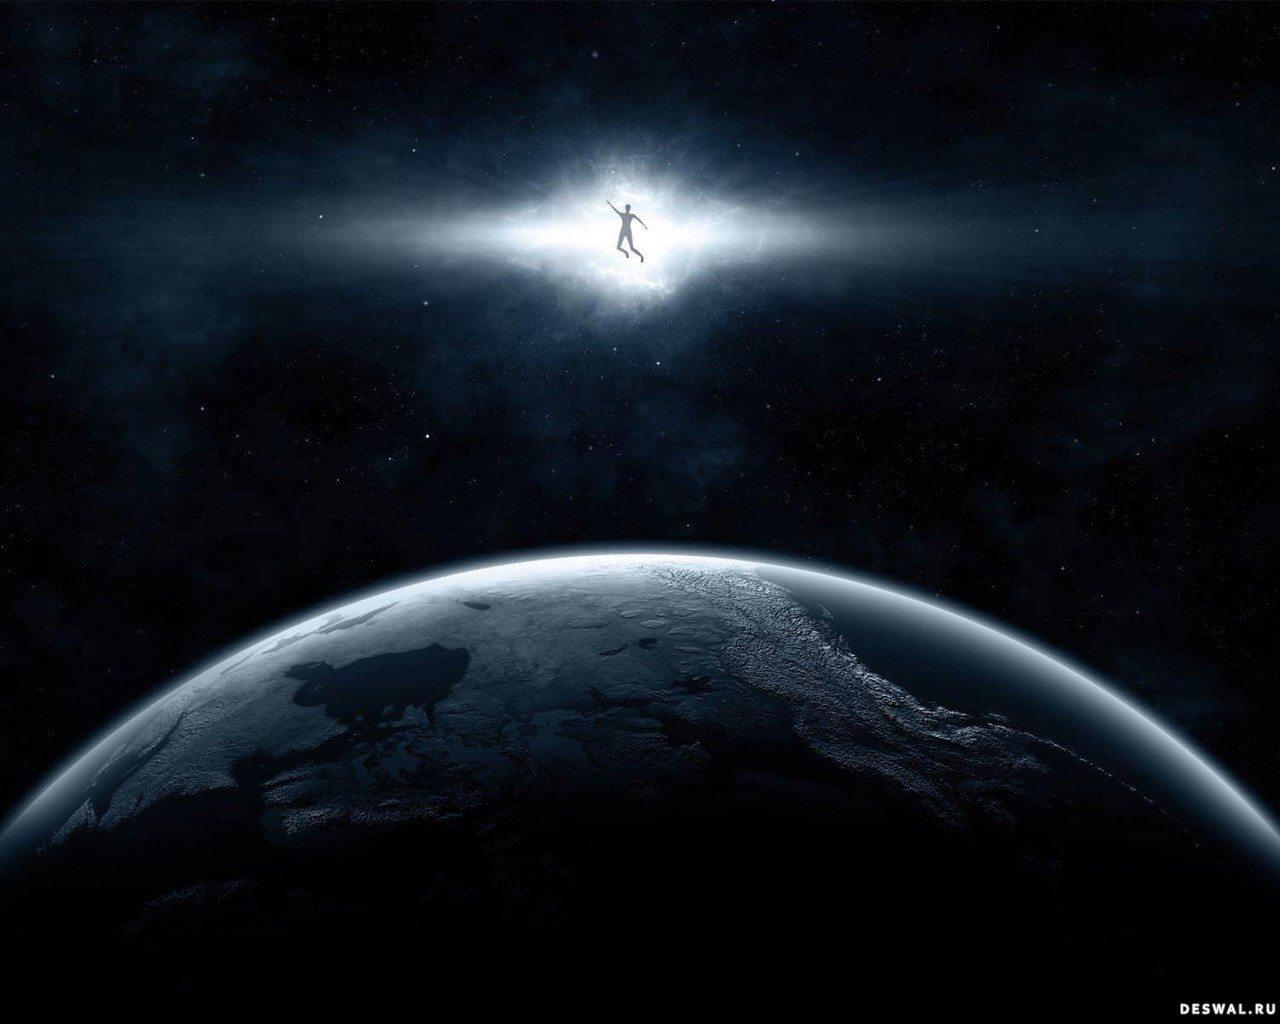 Фото 24.. Нажмите на картинку с обоями космоса, чтобы просмотреть ее в реальном размере